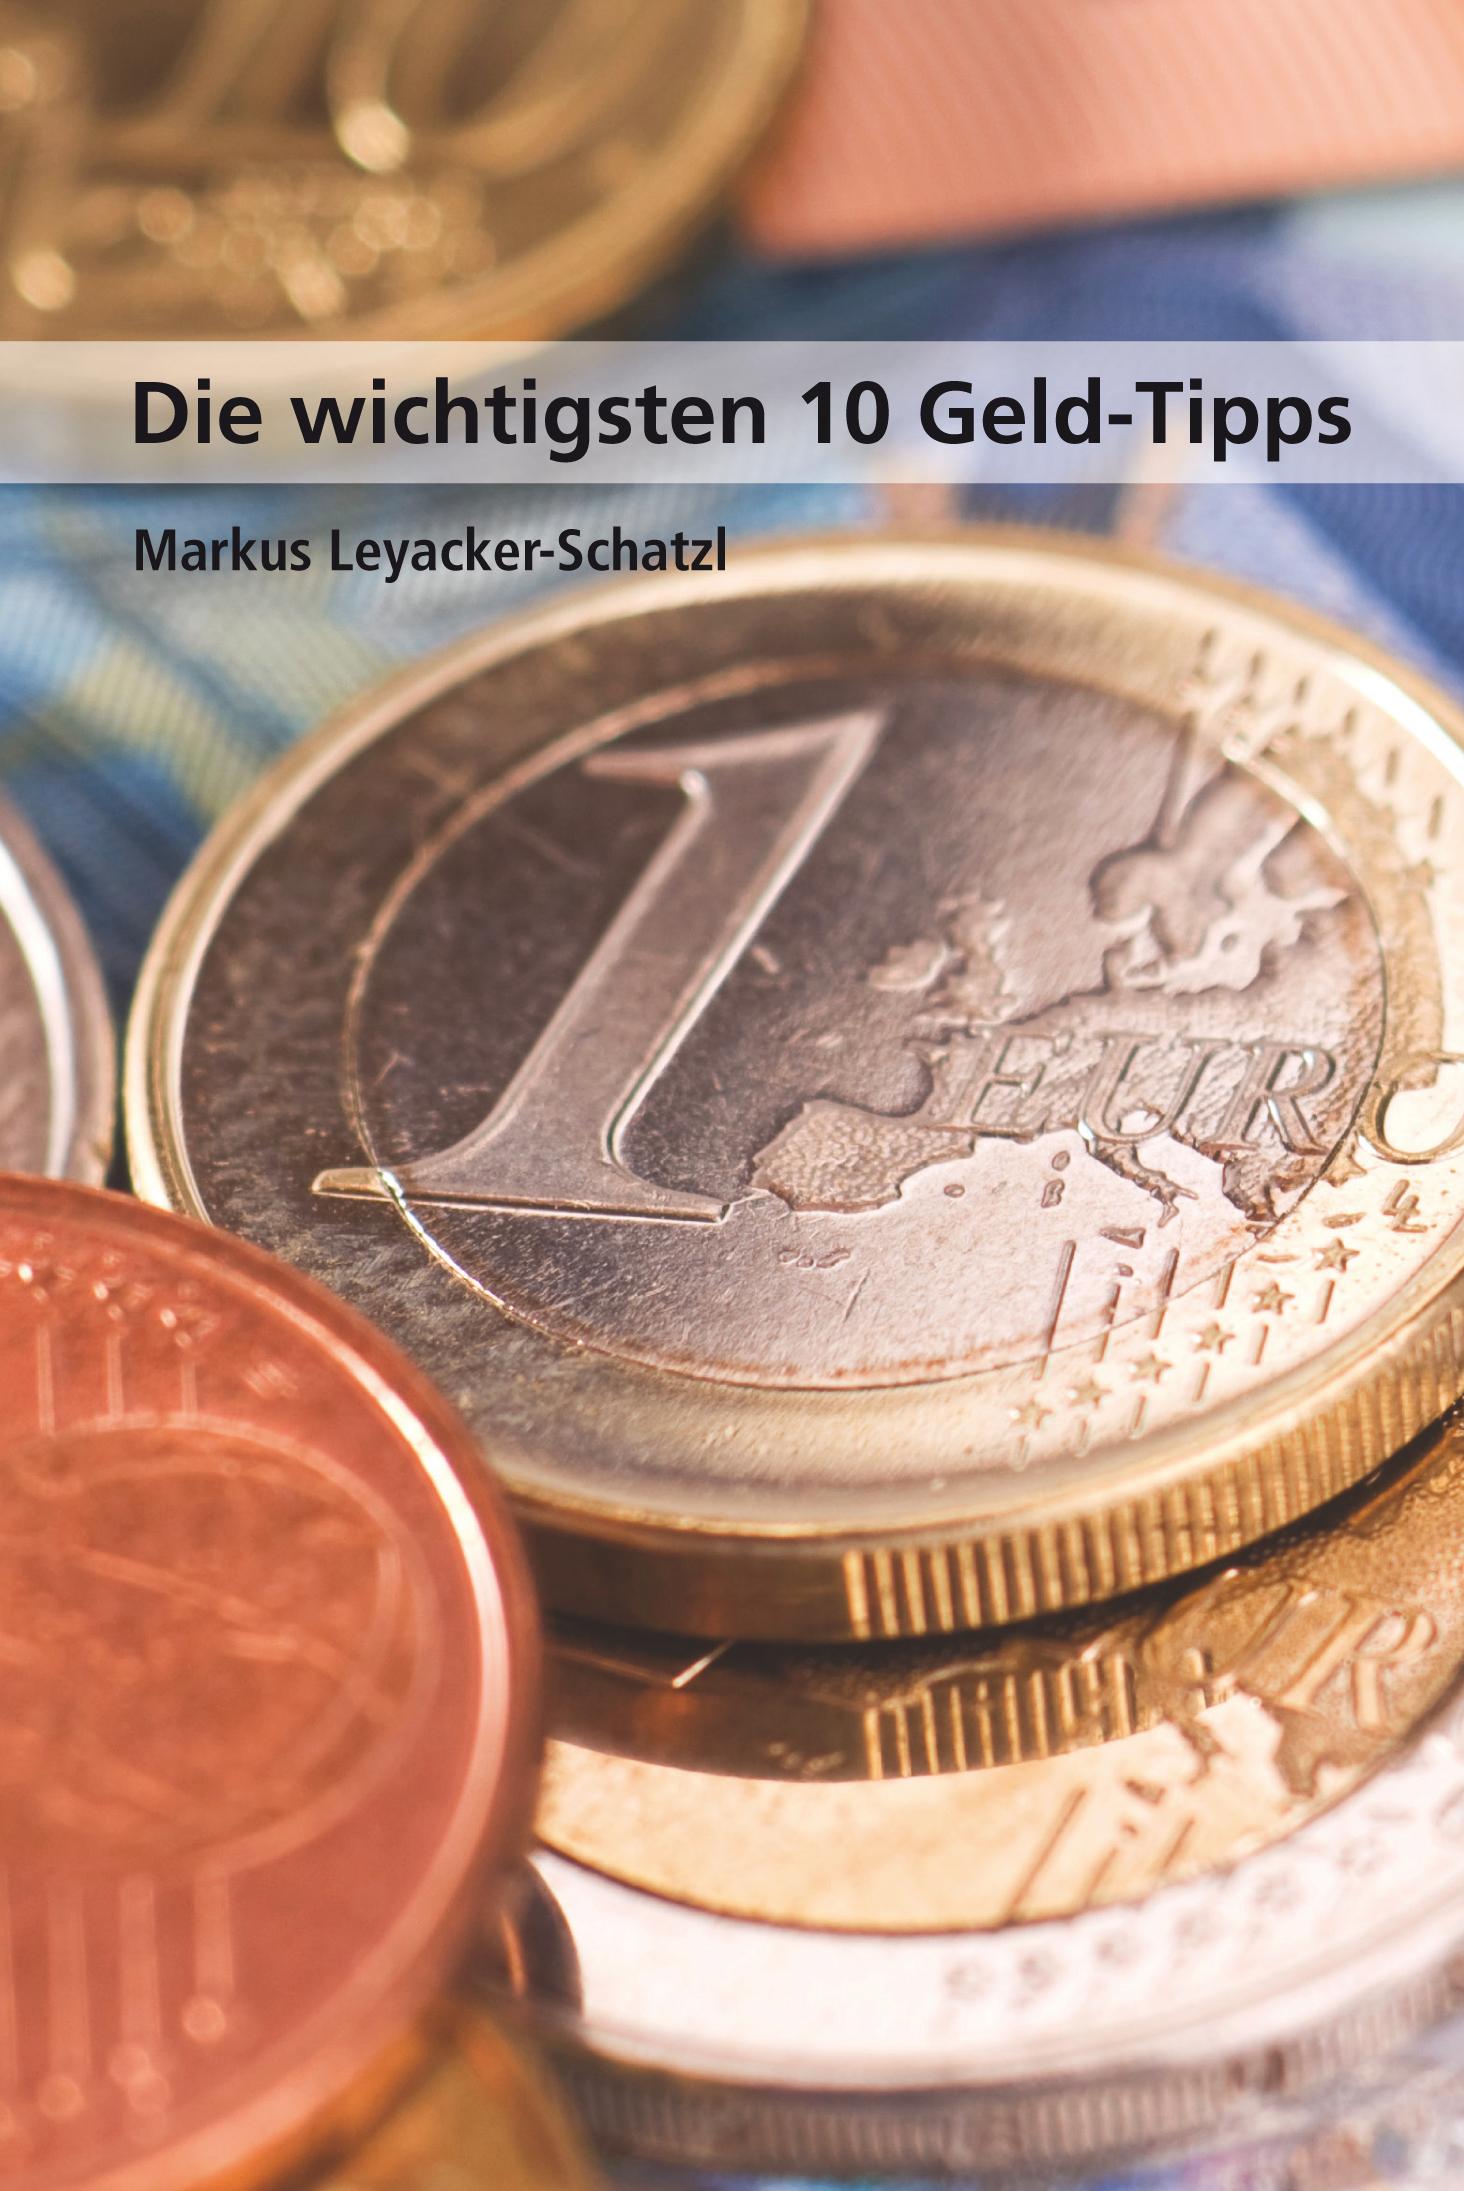 Die wichtigsten 10 Geld-Tipps - Leyacker-Schatz...